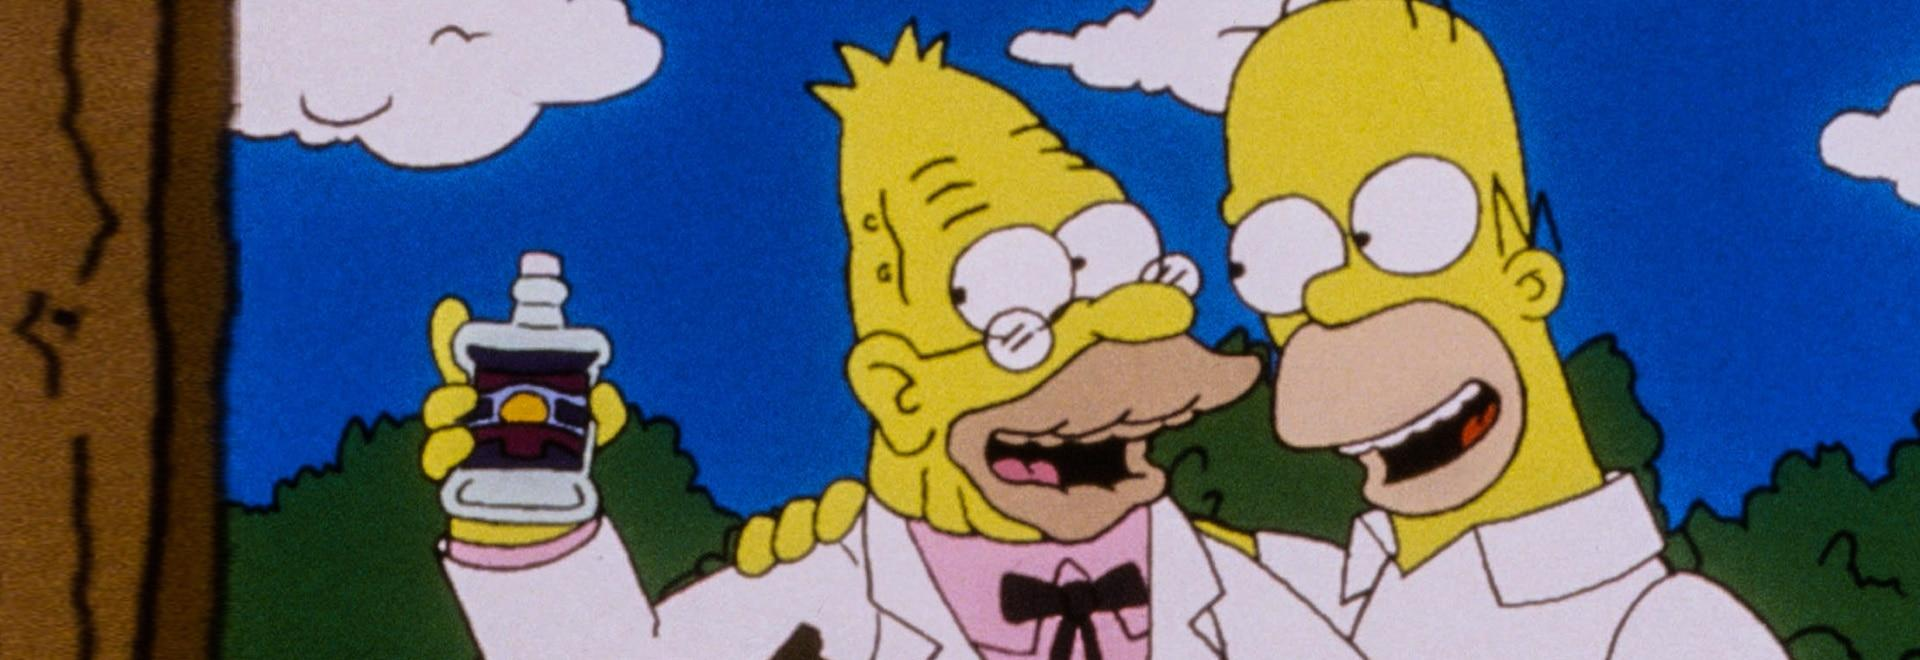 Homer contro Patty e Selma